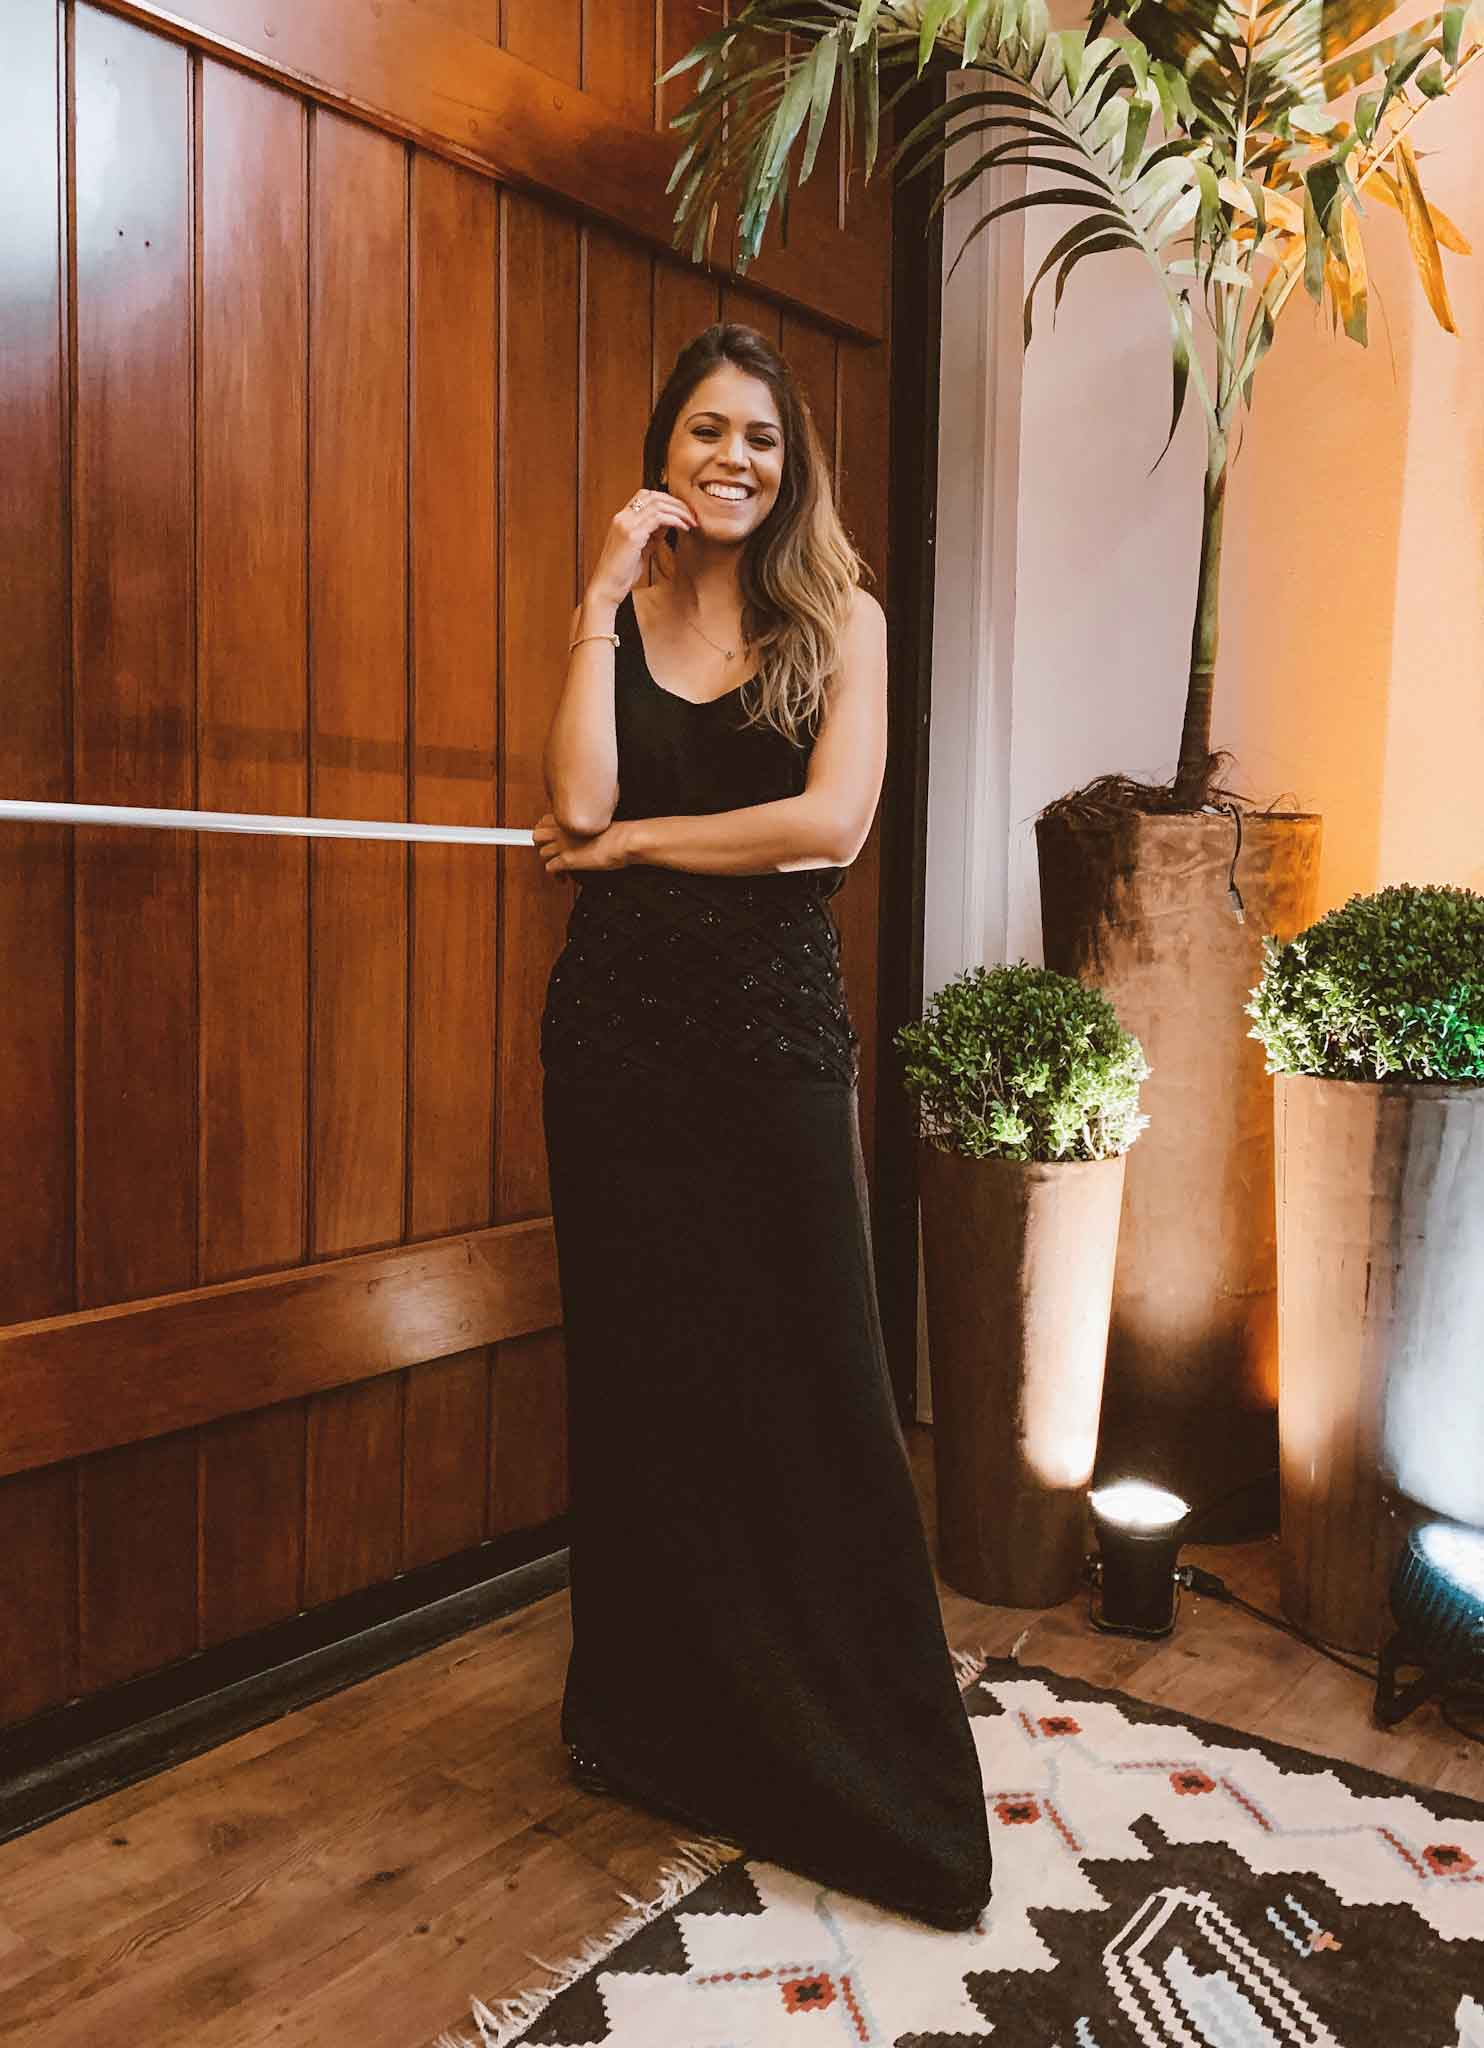 vestido-preto-com-bordados.jpg